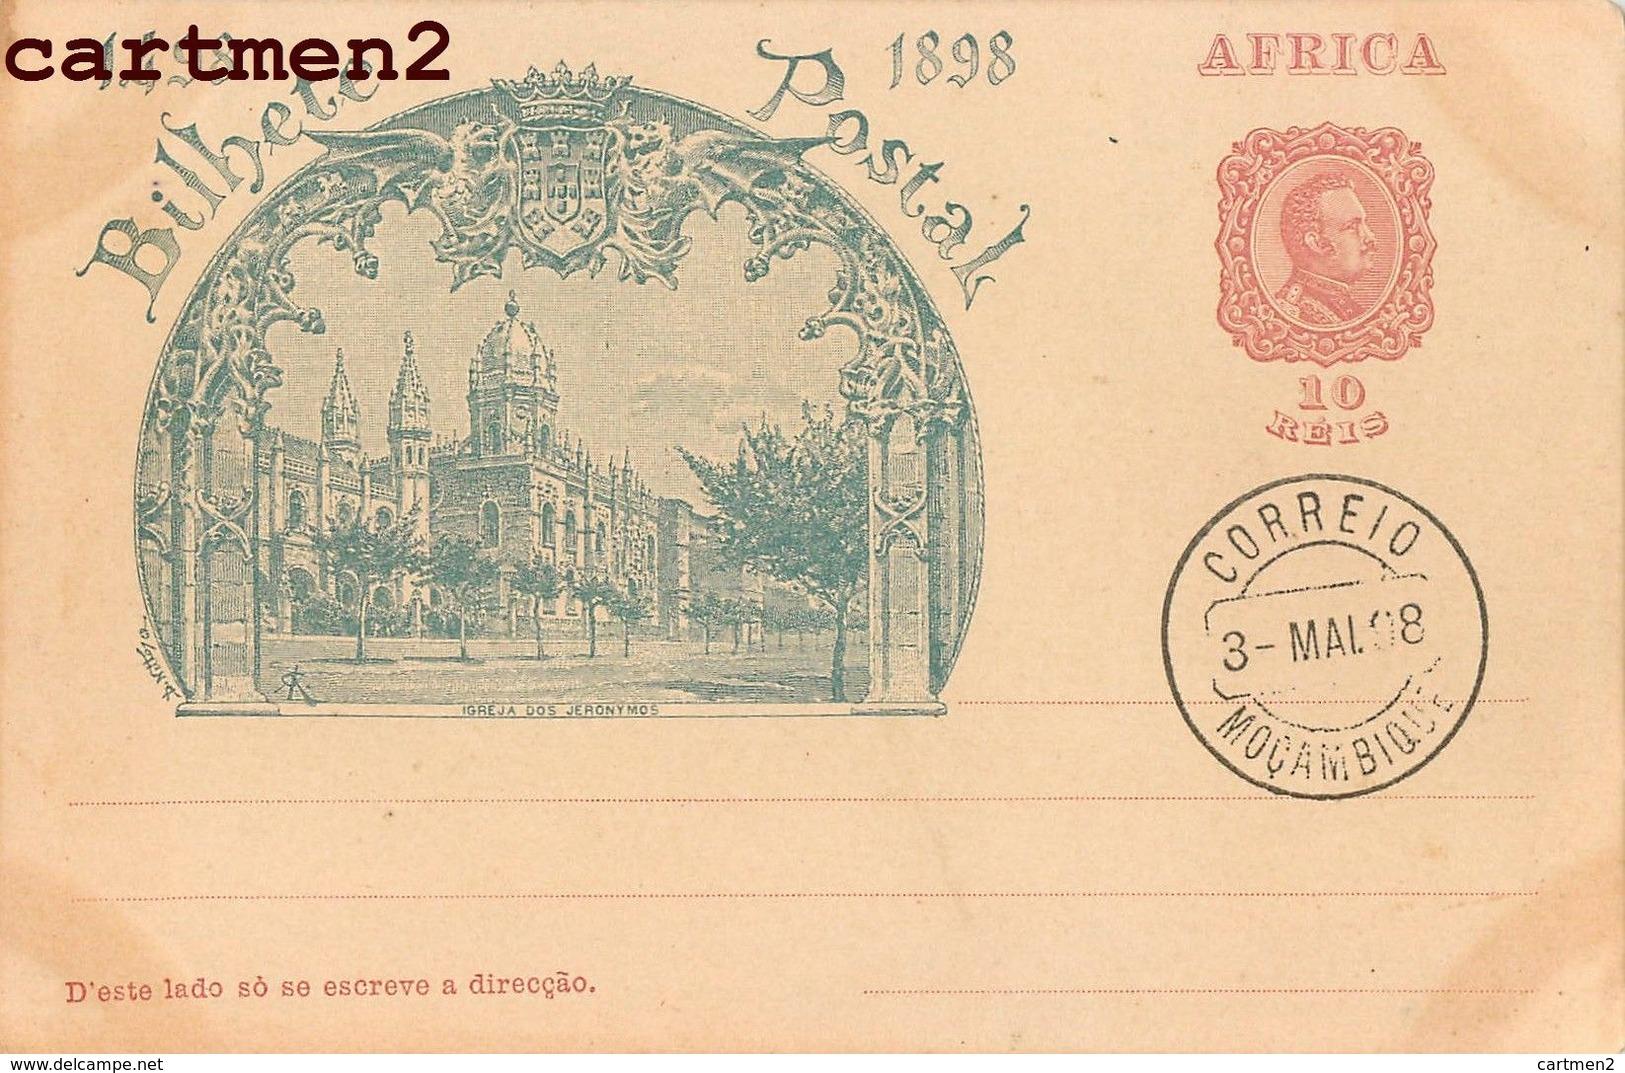 CORREIO 1898 IGREJA DOS JERONYMOS MOZAMBIQUE MOCAMBIQUE PORTUGAL BILHETE POSTAL AFRICA - Mozambique